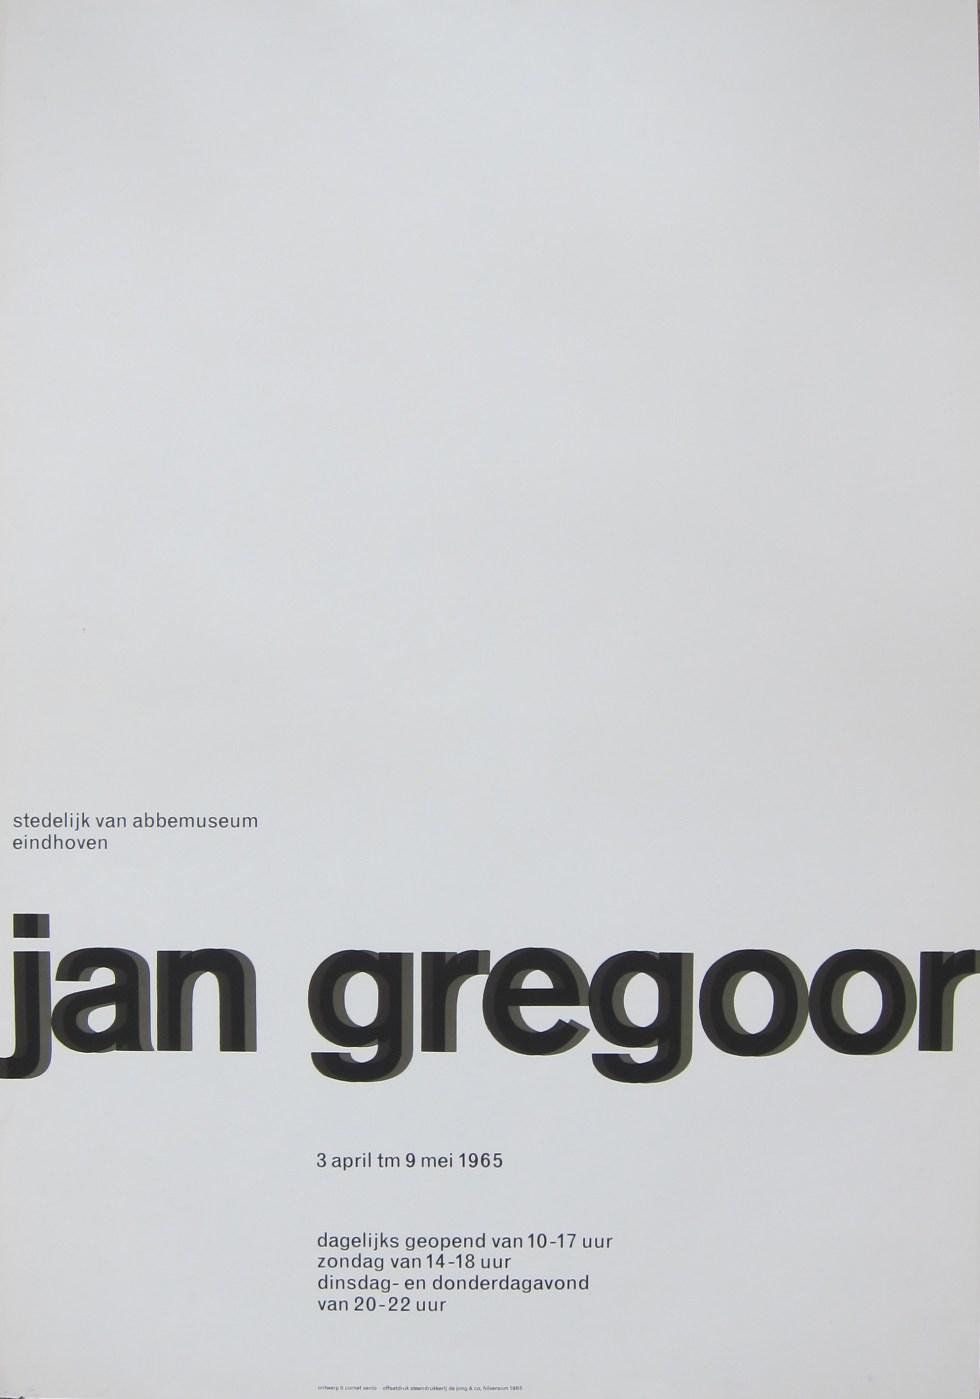 gregoor a